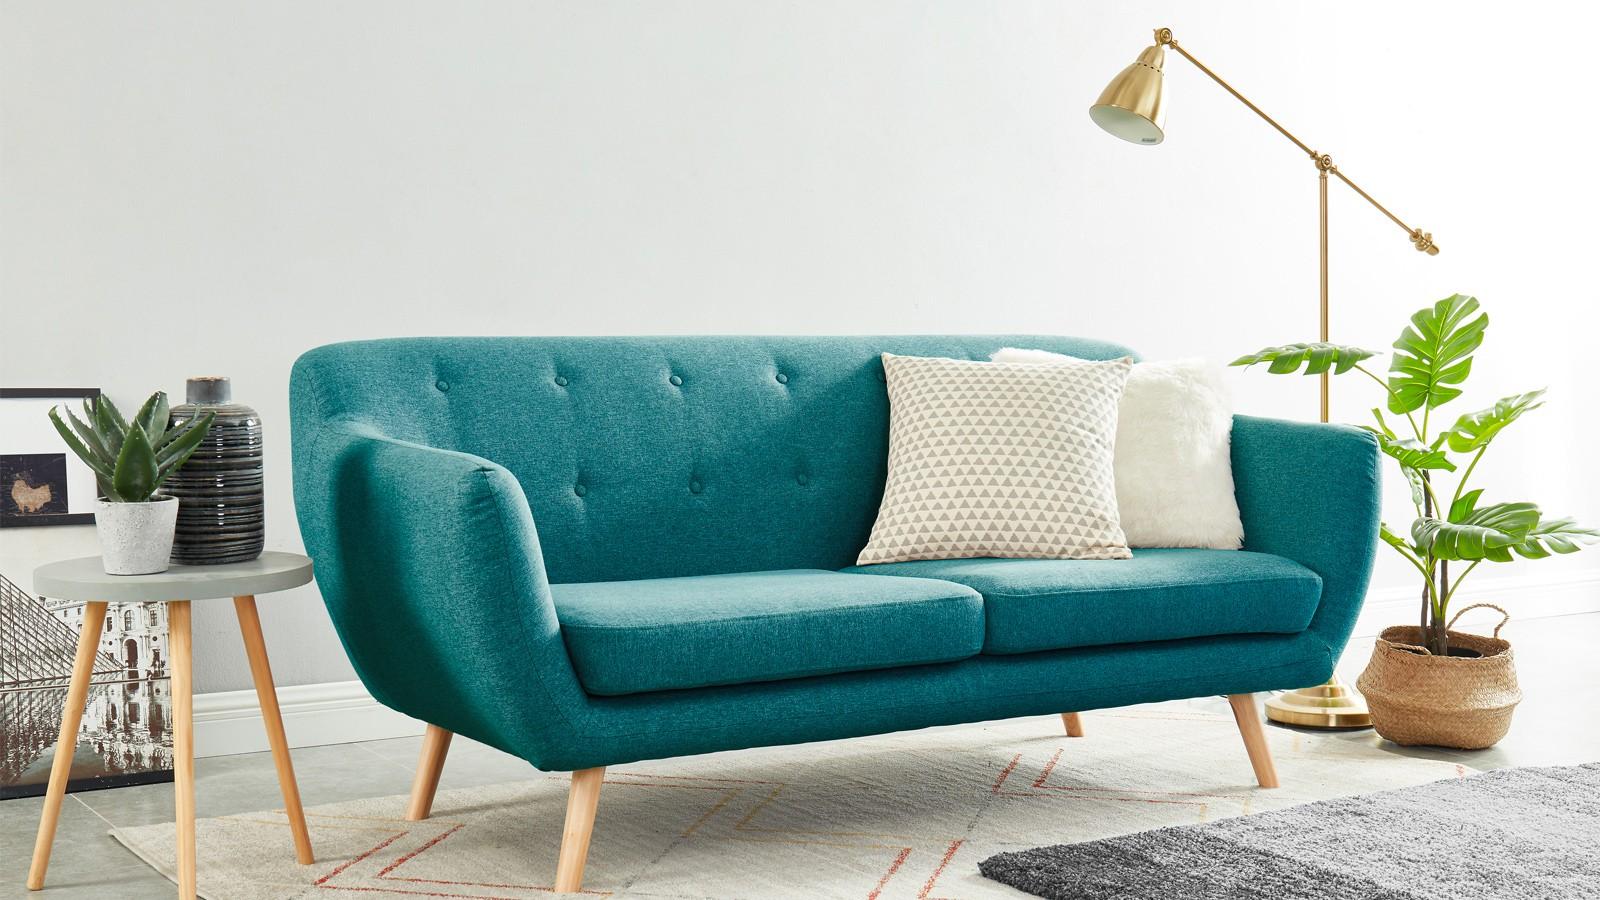 Canapé scandinave capitonné 3 places de la marque Homifab - Collection Chloé